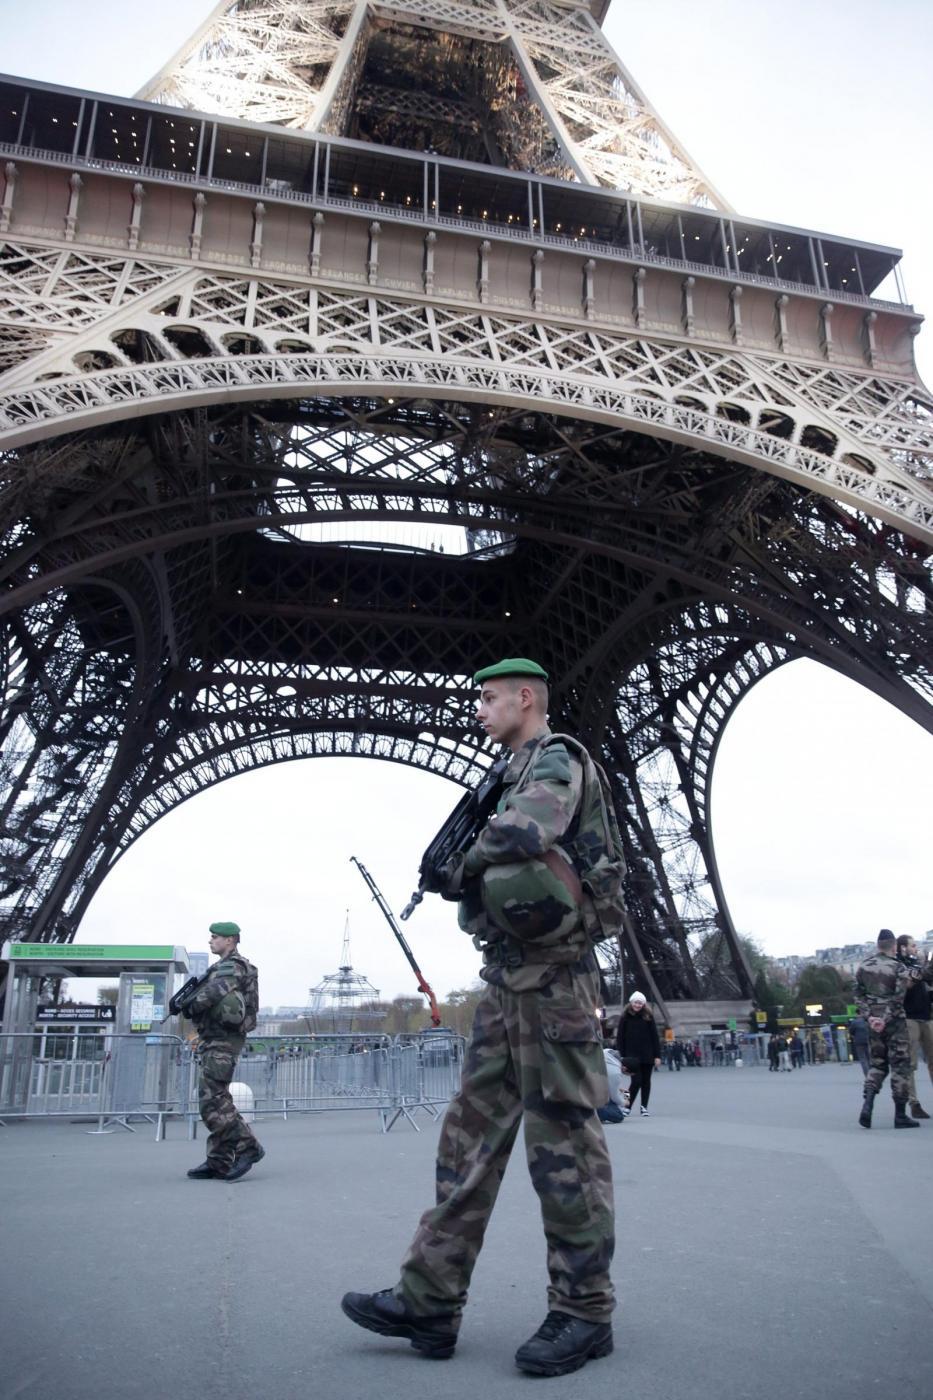 Allarme bomba, a Parigi Tour Eiffel evacuata